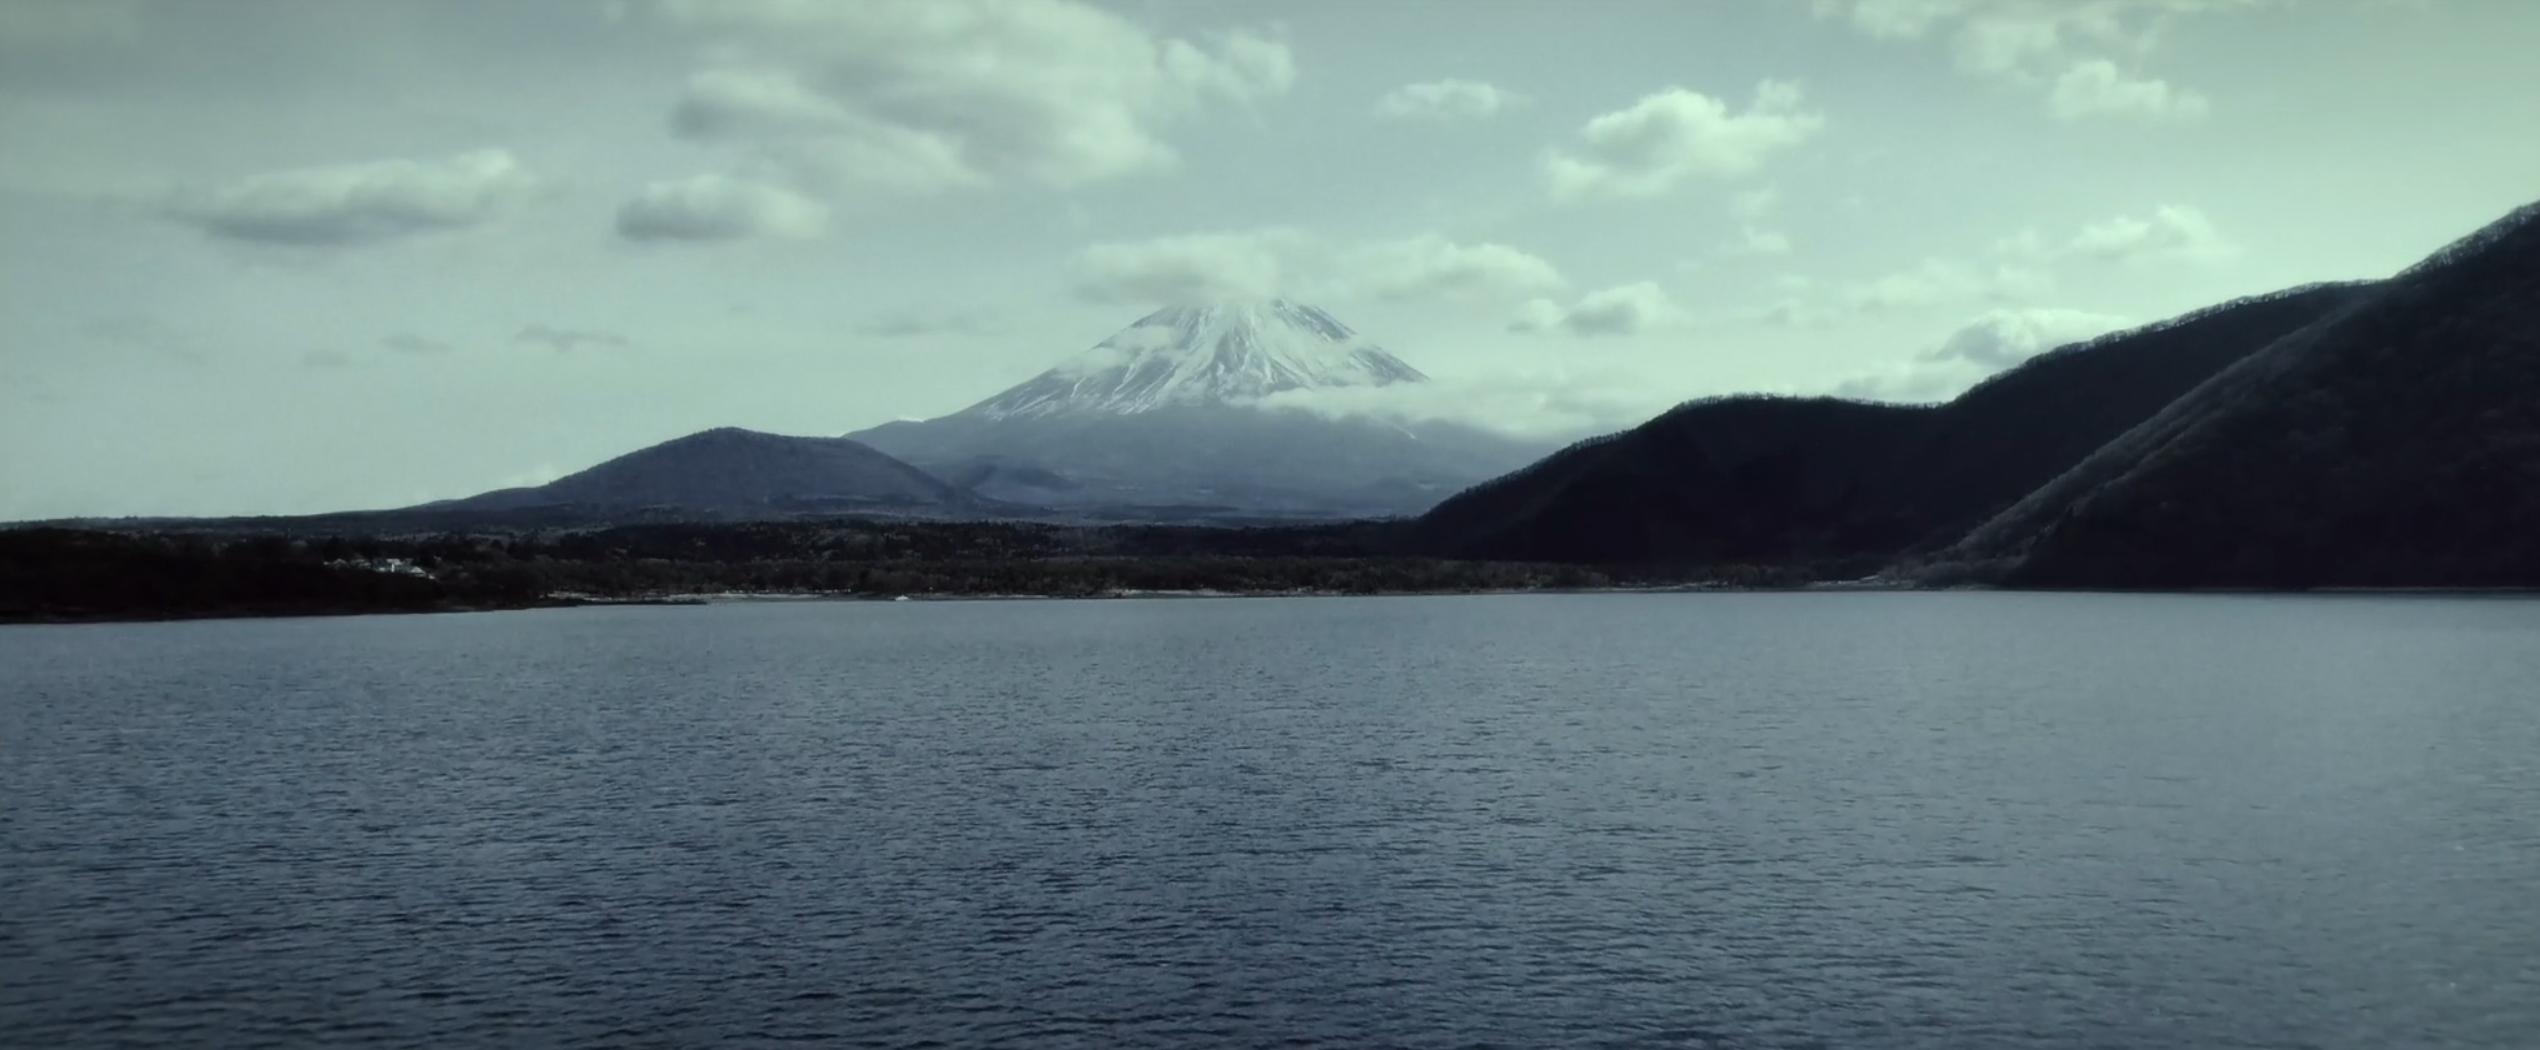 Ce film de 4 minutes propose un voyage express au Japon, entre tradition et modernité ! By Thomas R. Court-metrage-beaute-japon-3